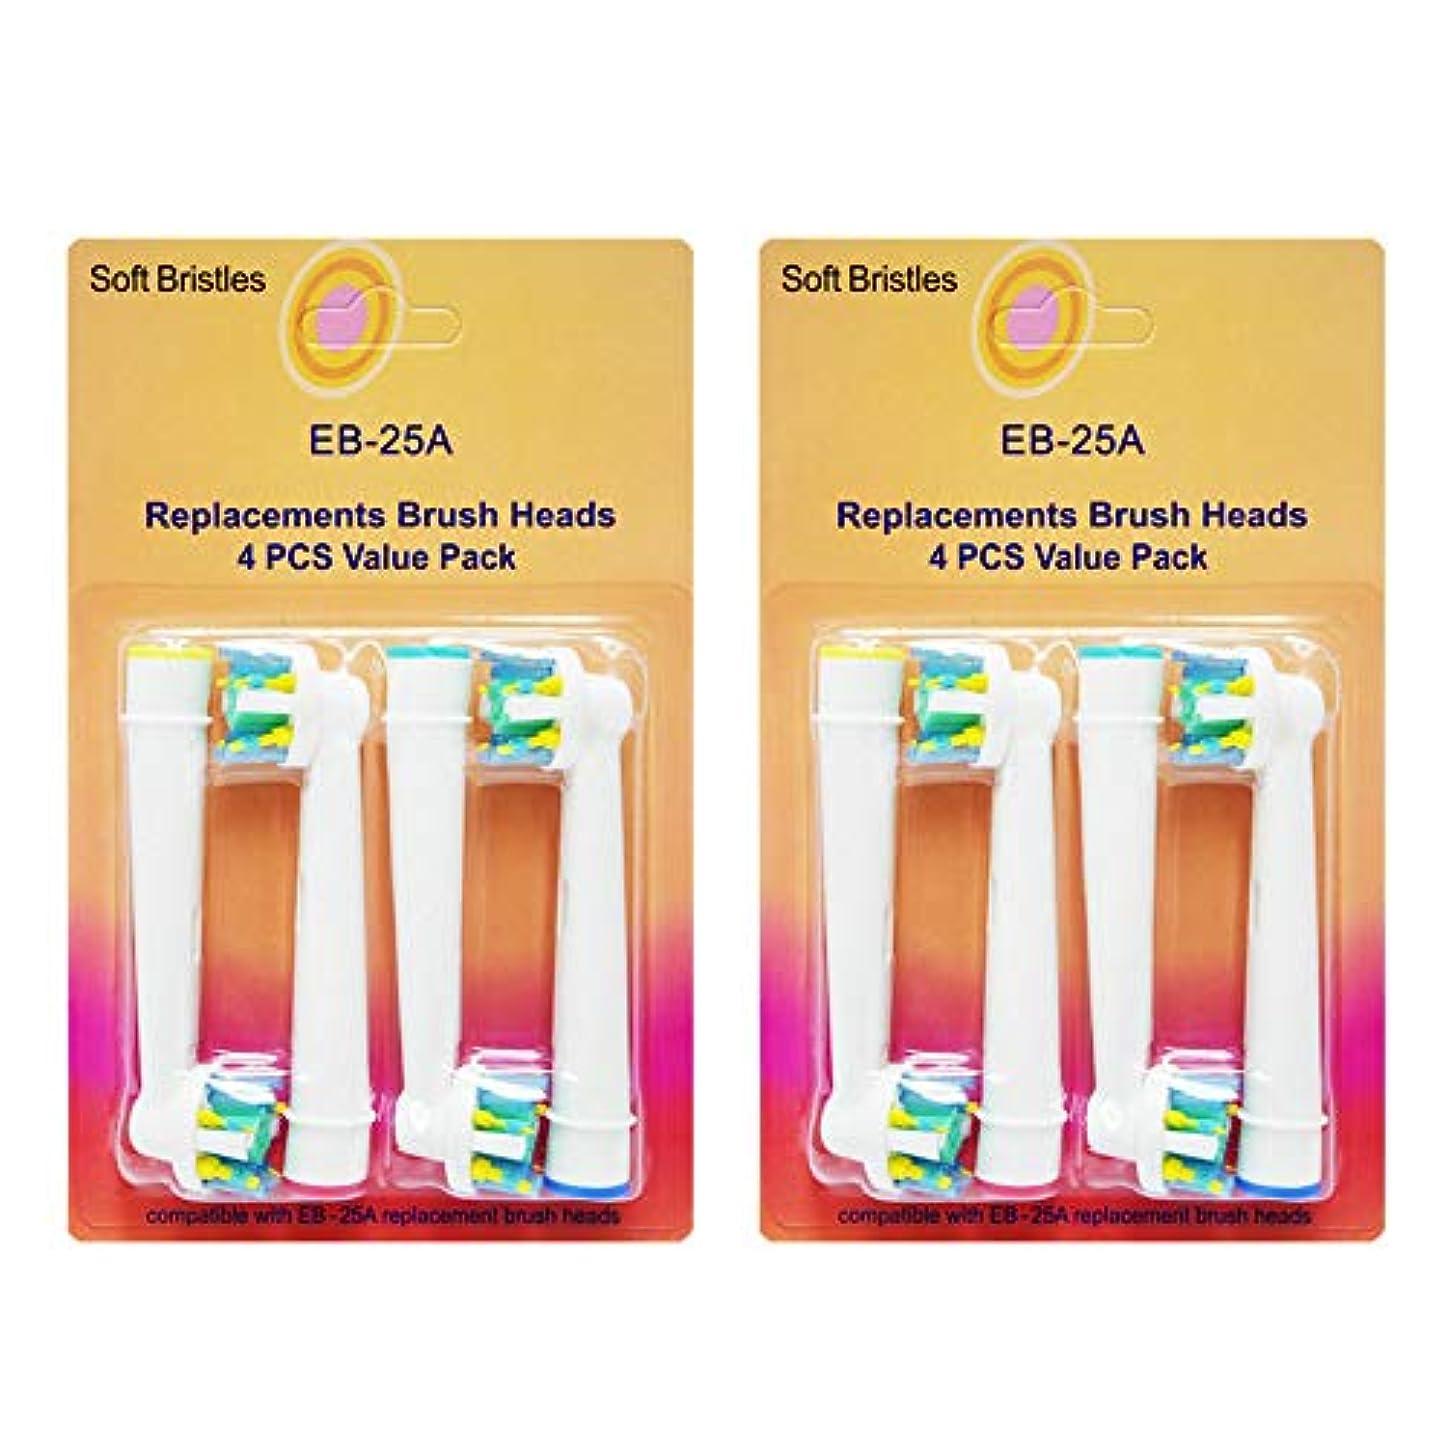 不正確くそー明らかブラウン BRAUN オーラルB 対応 歯間ワイパー付ブラシ 互換 ブラシ 相当品 歯ブラシ 互換ブラシ (2セット合計8本(4本1セット×2)) アーモロート(amaurot) EB25 EB-25 eb25 eb-25